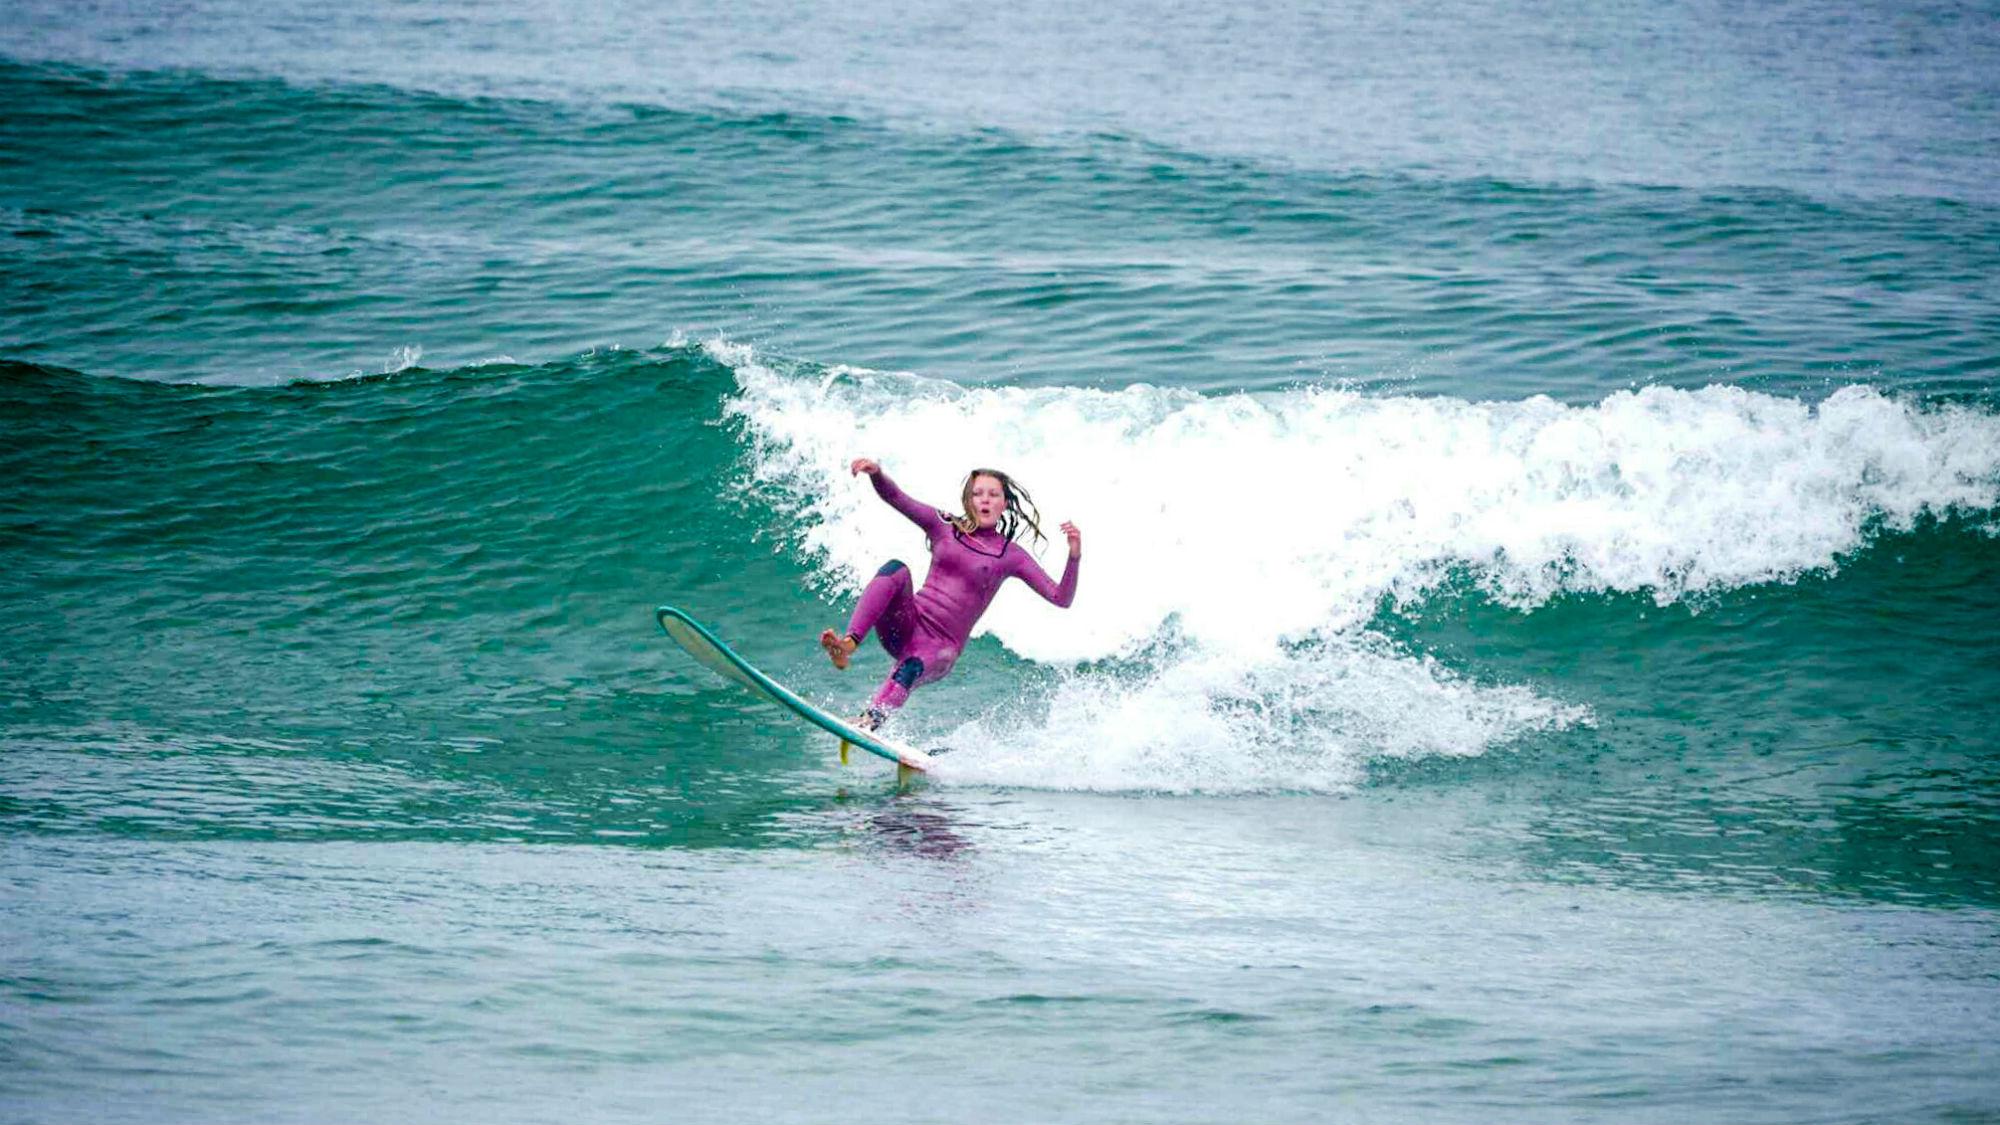 Julia Schucht stürzt auf ihrer Welle, aber wer oft stürzt, macht auch Fortschritte.